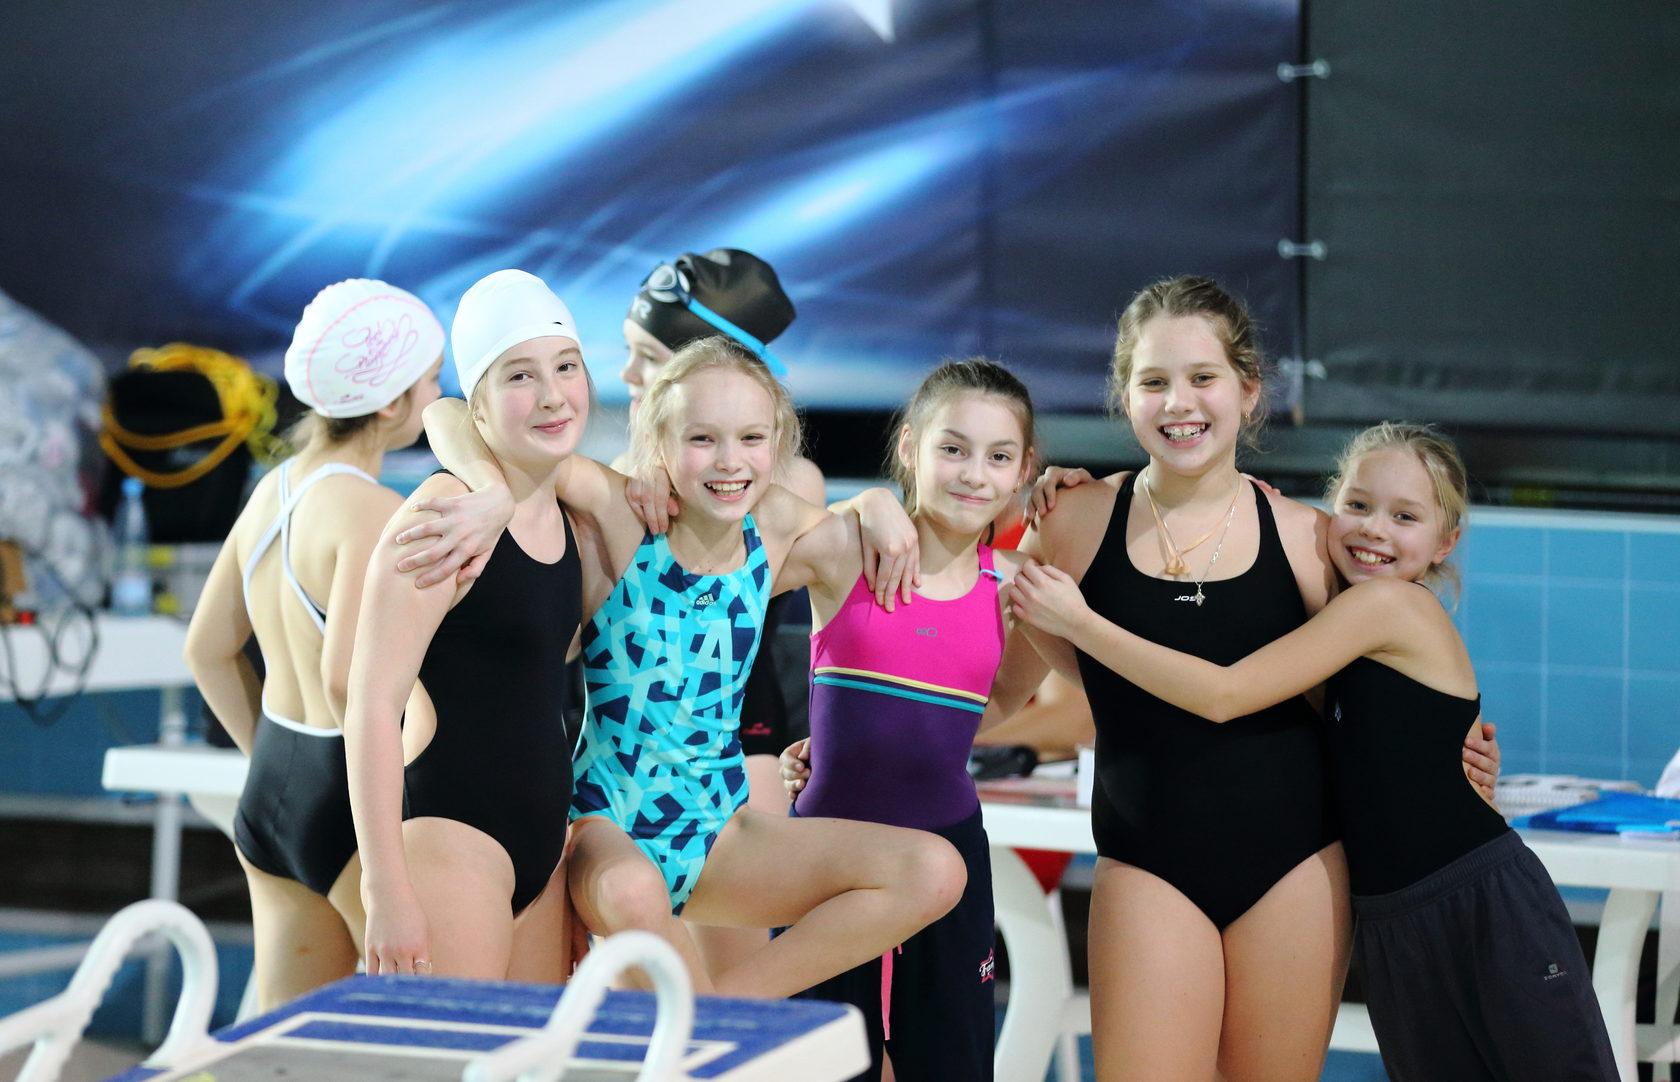 синхронное плавание клубы в москве